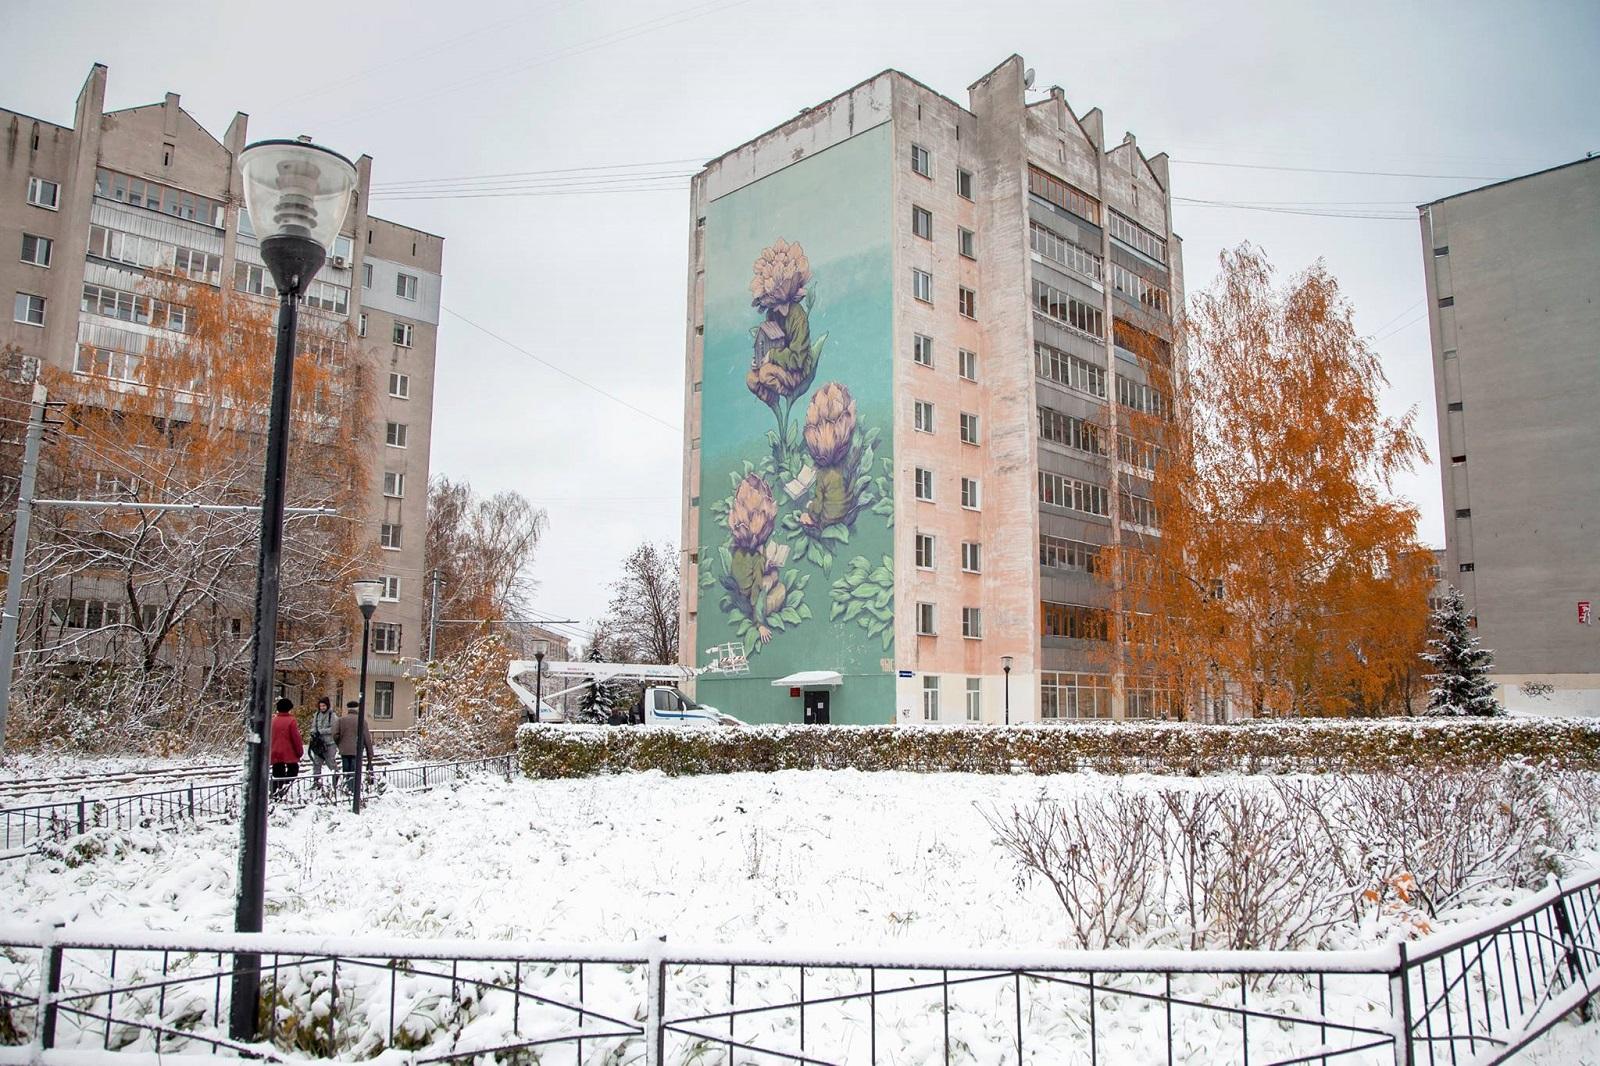 rustam-qbic-new-mural-in-nizhniy-novgorod-07